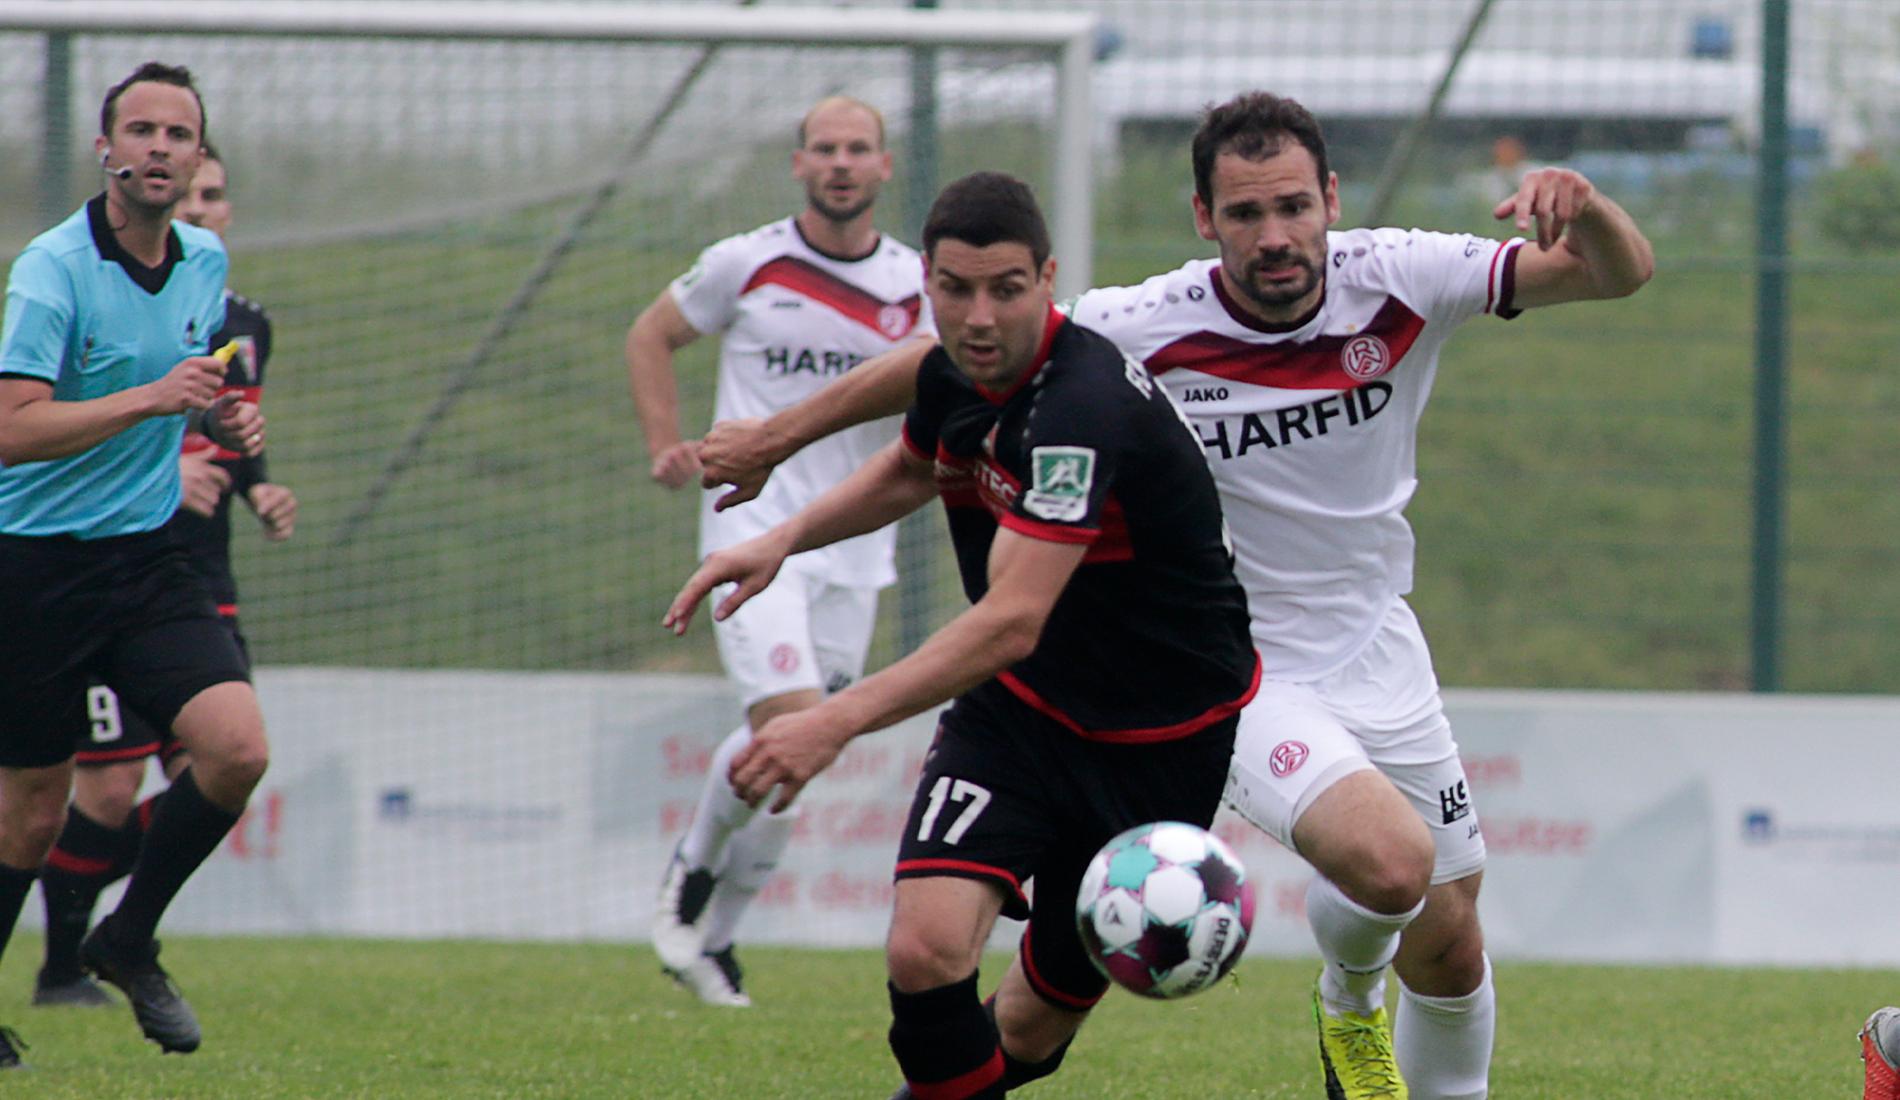 Großer Kampf im letzten Meisterschaftsspiel der Saison. (Foto: Endberg)